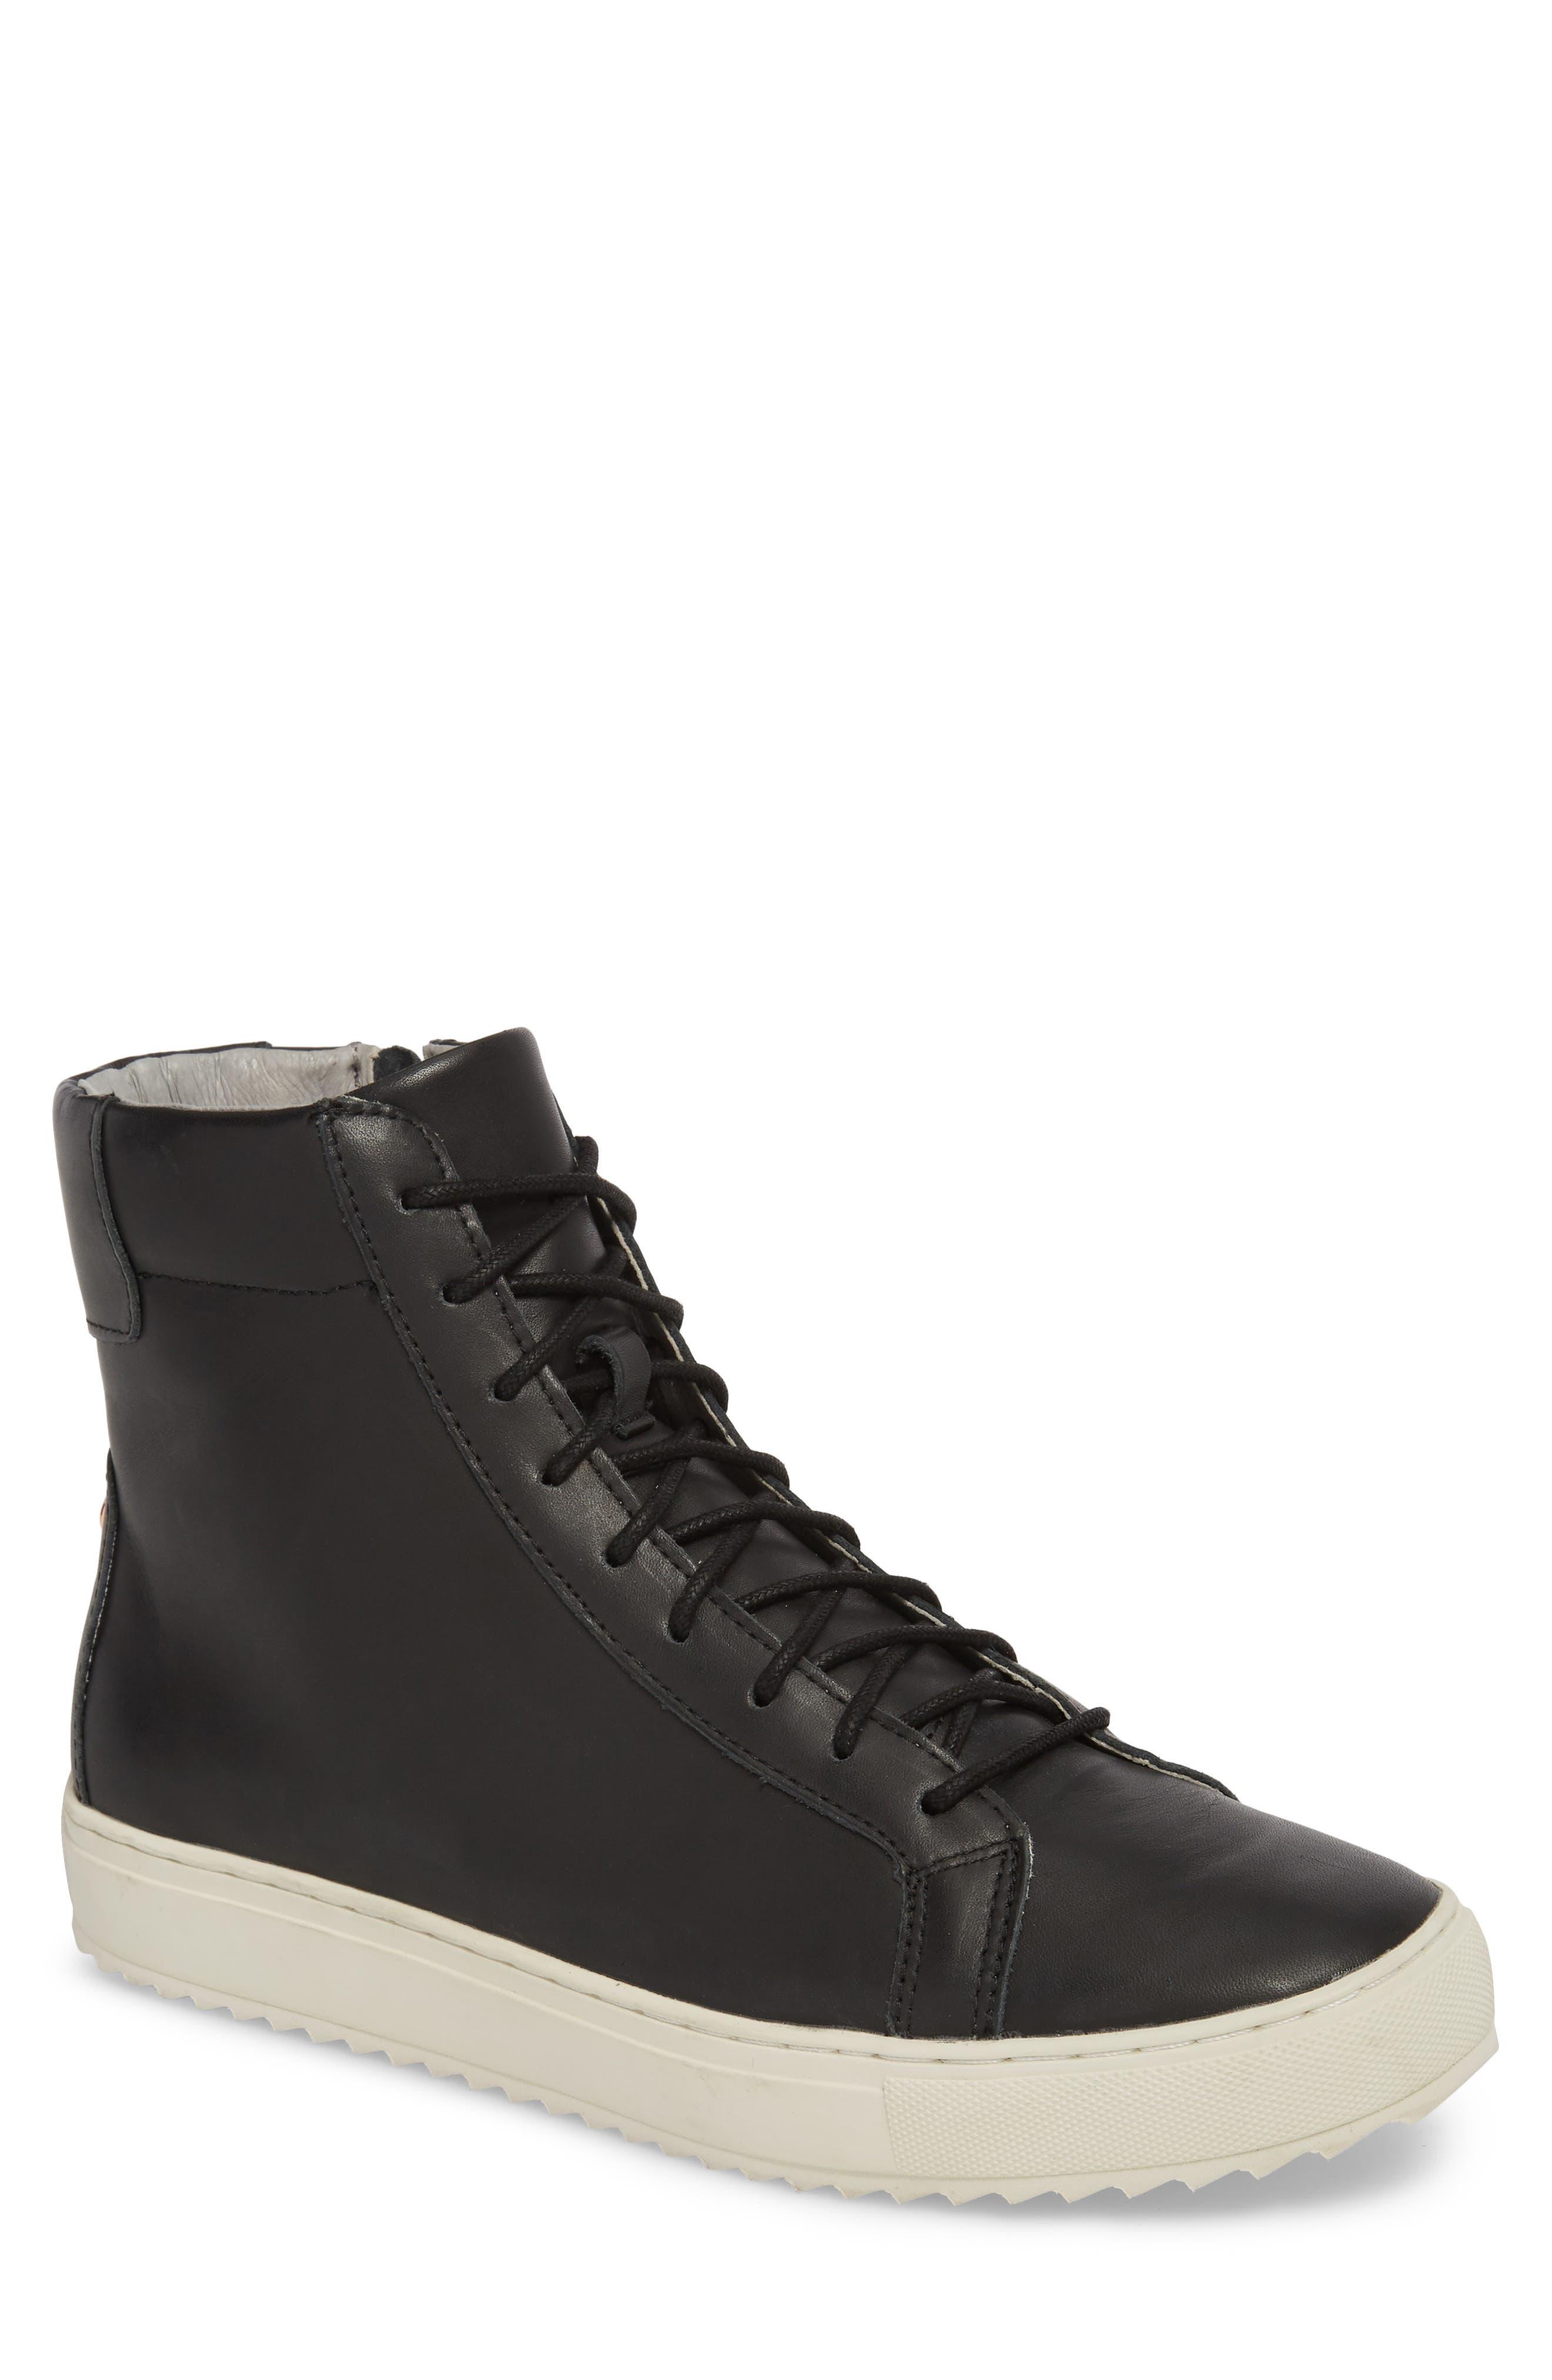 Logan Water Resistant High Top Sneaker,                         Main,                         color,